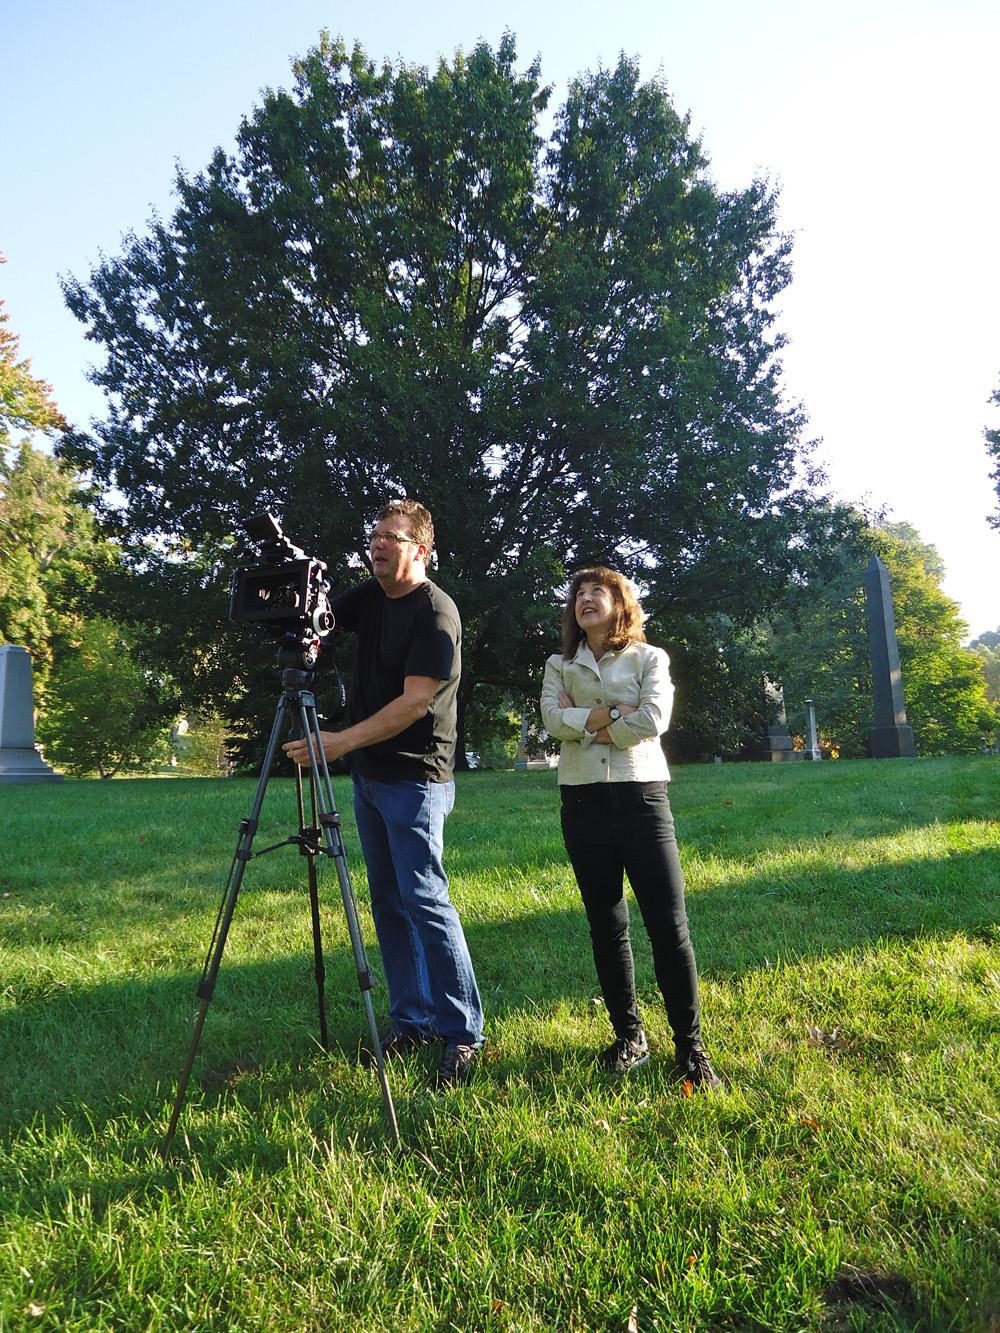 Andrea Torrice filming